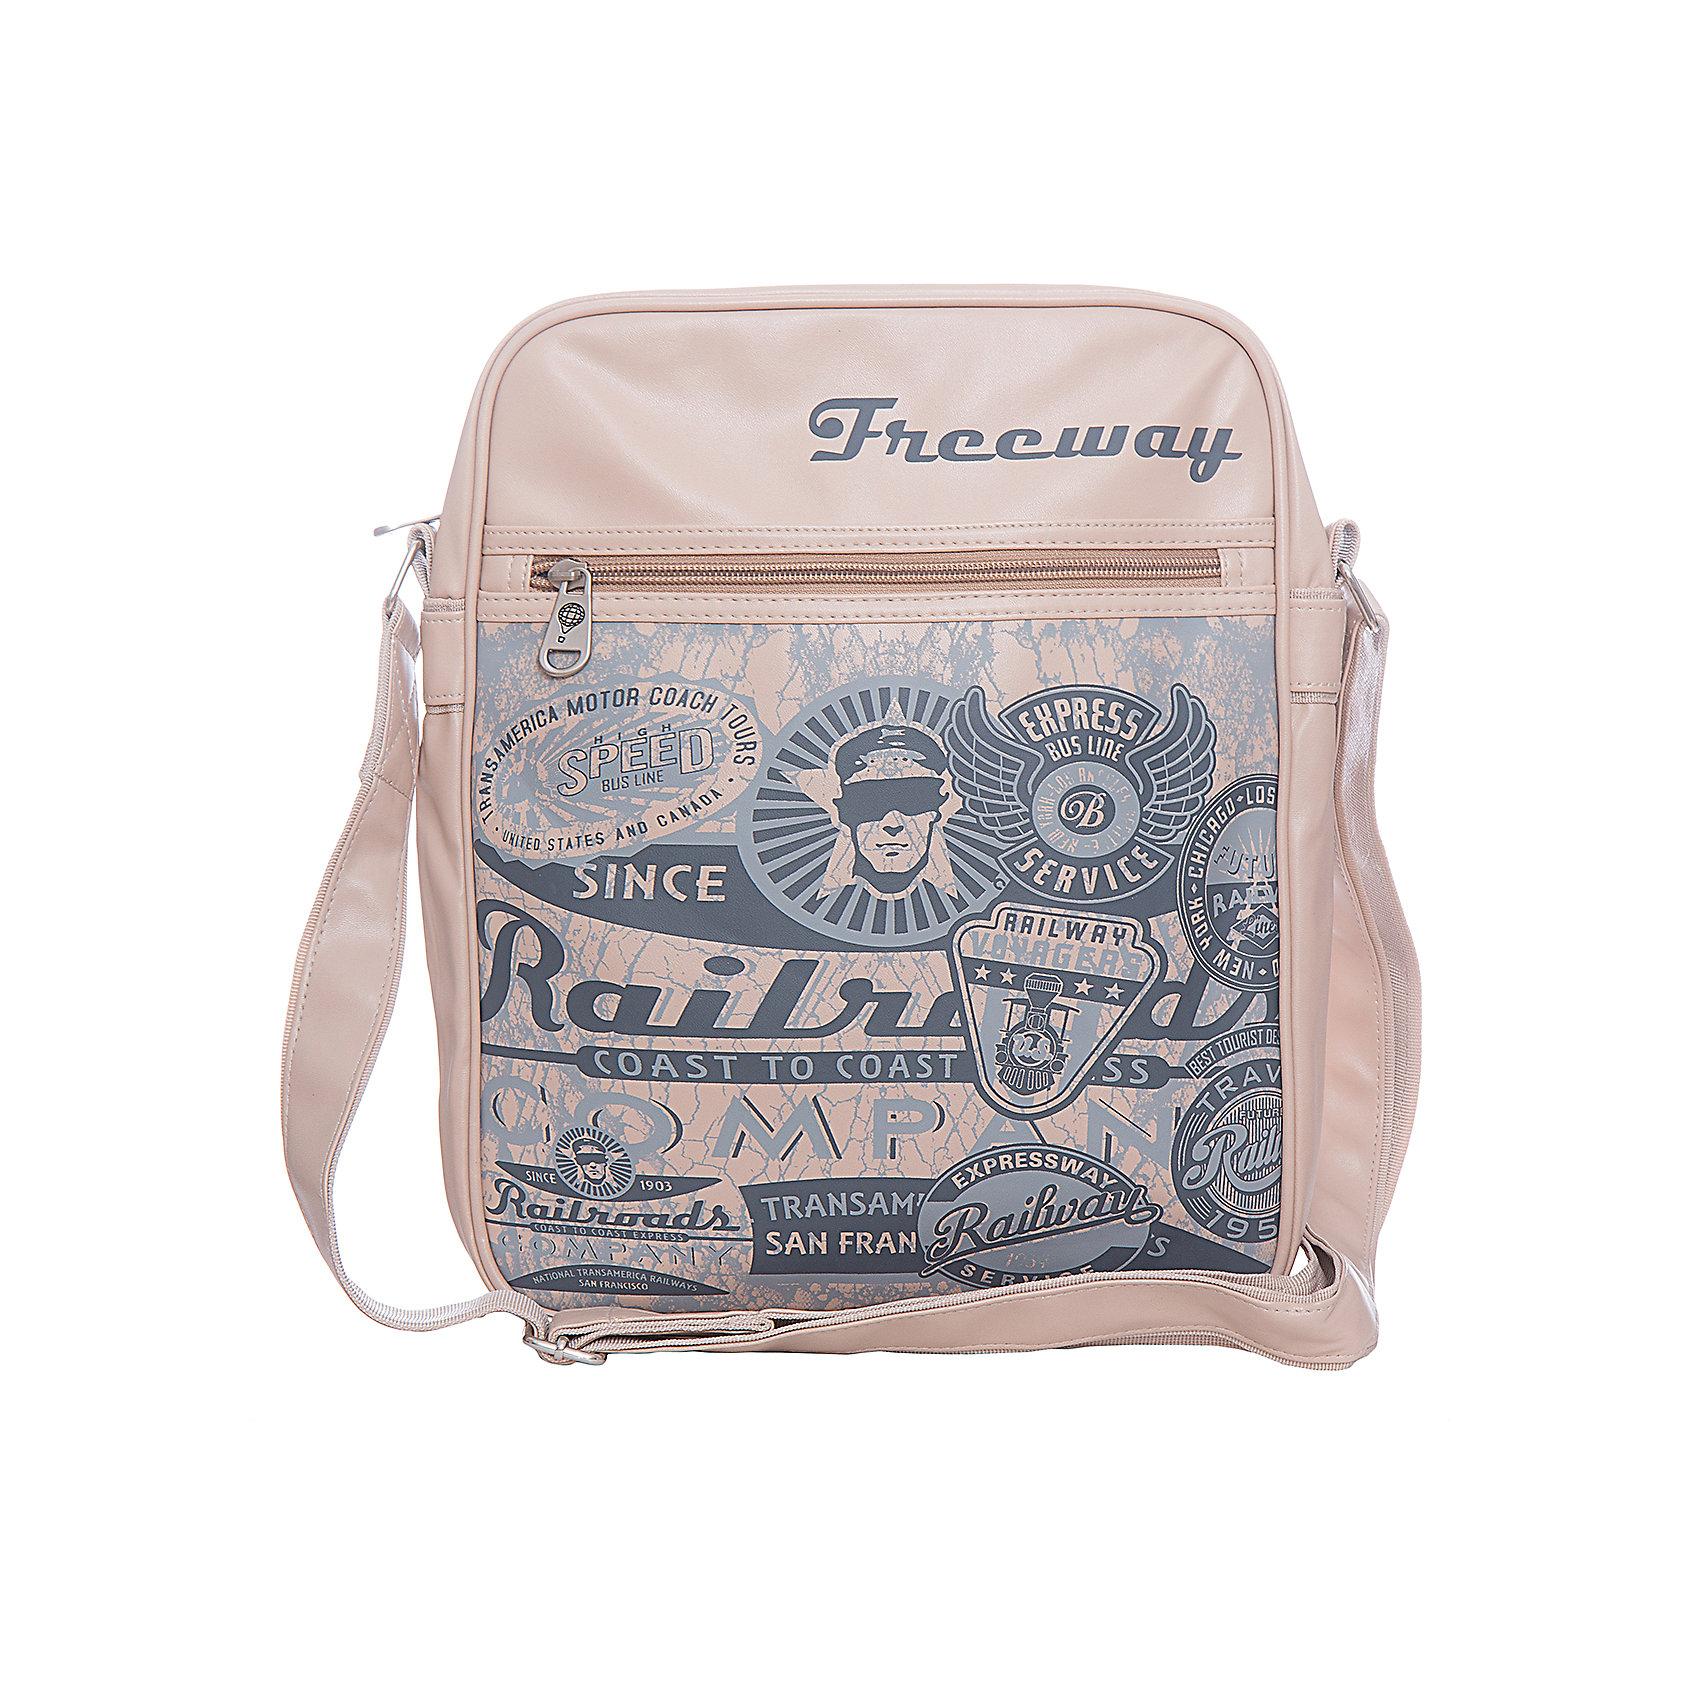 Сумка подростковаяШкольные сумки<br>Эта стильная сумка с оригинальным оформлением прекрасно впишется в гардероб ребенка и, конечно, понравится всем юным модникам! Модель оснащена уплотнённым плечевым ремнем, регулируемым по длине, удобными и практичными карманами.<br><br>Дополнительная информация:<br><br>- Материал: полиуретан.<br>- Размер: 33х9х26 см.<br>- Тип застежки: молния. <br>- Плечевой ремень регулируется.<br>- Карманы: 2 внутренних, 1 внешний для телефона, 2 узких кармана по бокам. <br>- Полноцветная печать с 3D технологией.<br><br>Сумку подростковую можно купить в нашем магазине.<br><br>Ширина мм: 370<br>Глубина мм: 300<br>Высота мм: 22<br>Вес г: 450<br>Возраст от месяцев: 144<br>Возраст до месяцев: 192<br>Пол: Мужской<br>Возраст: Детский<br>SKU: 4756064